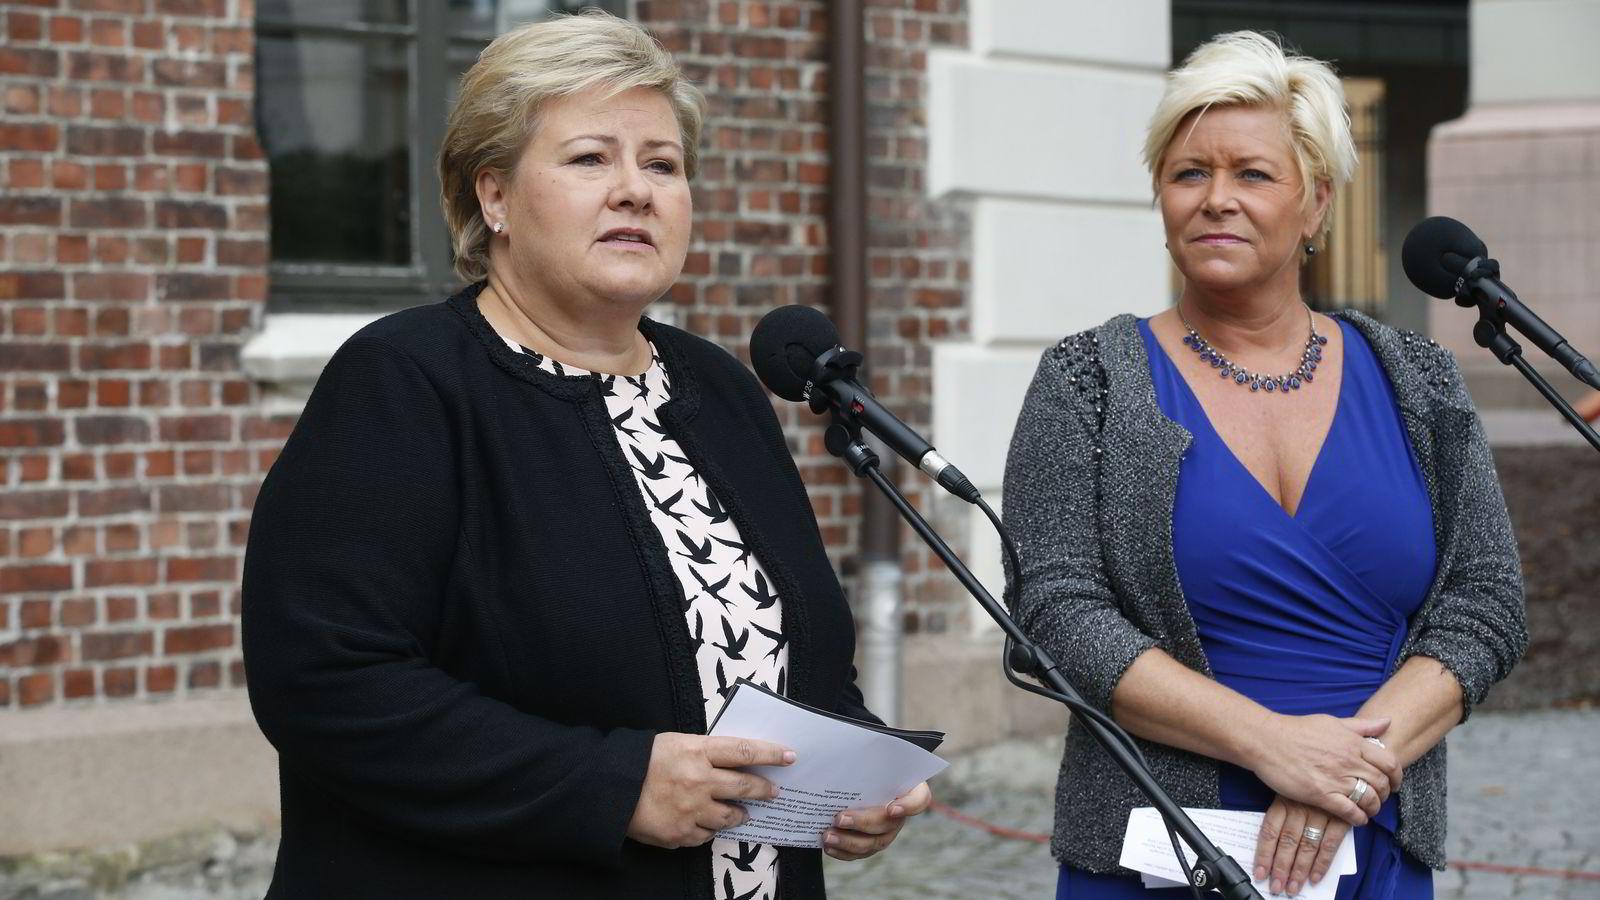 Finansminister Siv Jensen (Frp) (t.h.) og statsminister Erna Solberg (H) her i forbindelse med regjeringens budsjettkonferanse tidligere i høst.